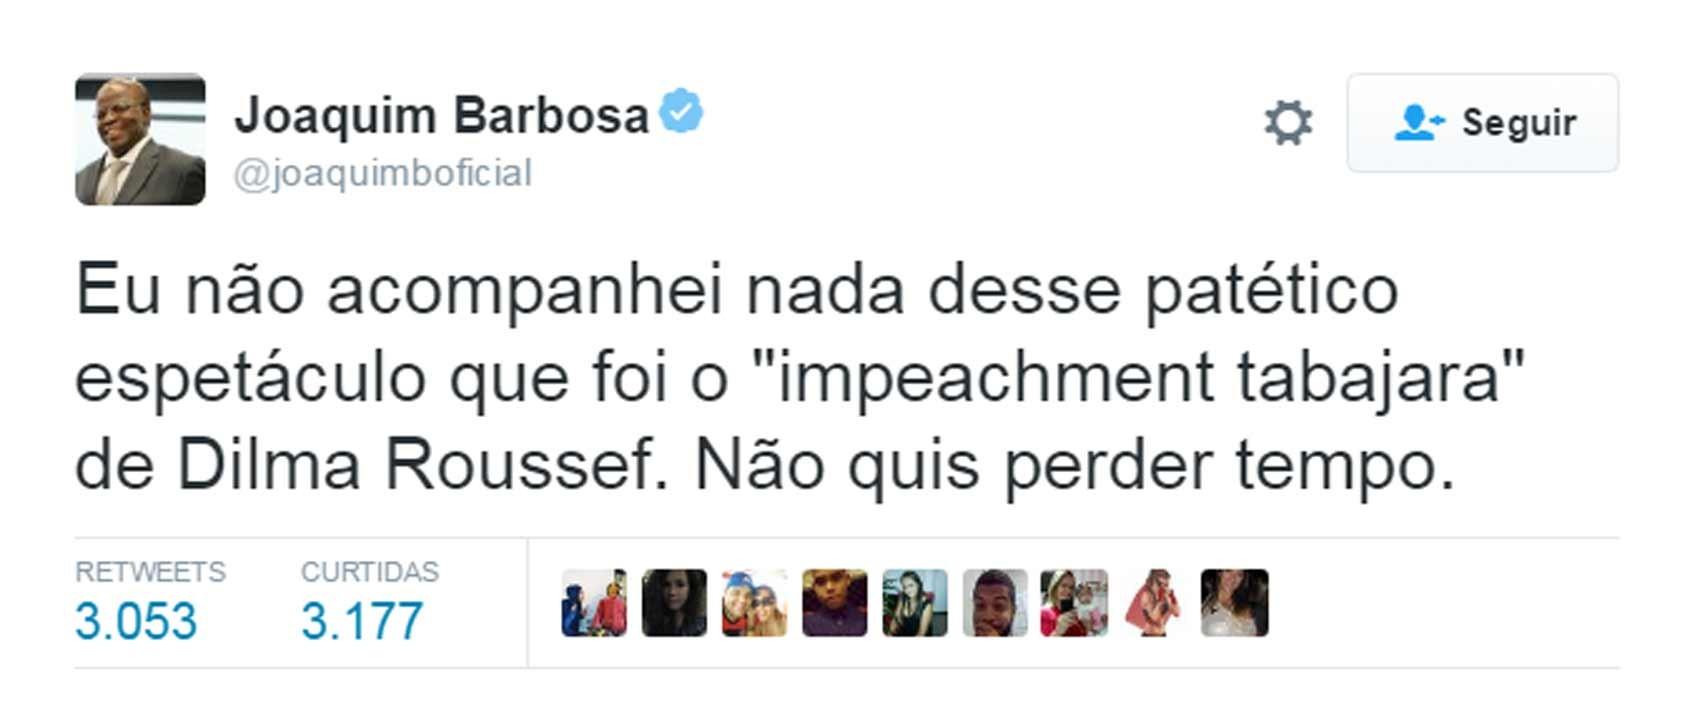 Joaquim Barbosa comentou impeachment no Twitter (Foto: Reprodução/Twitter/joaquimboficial)